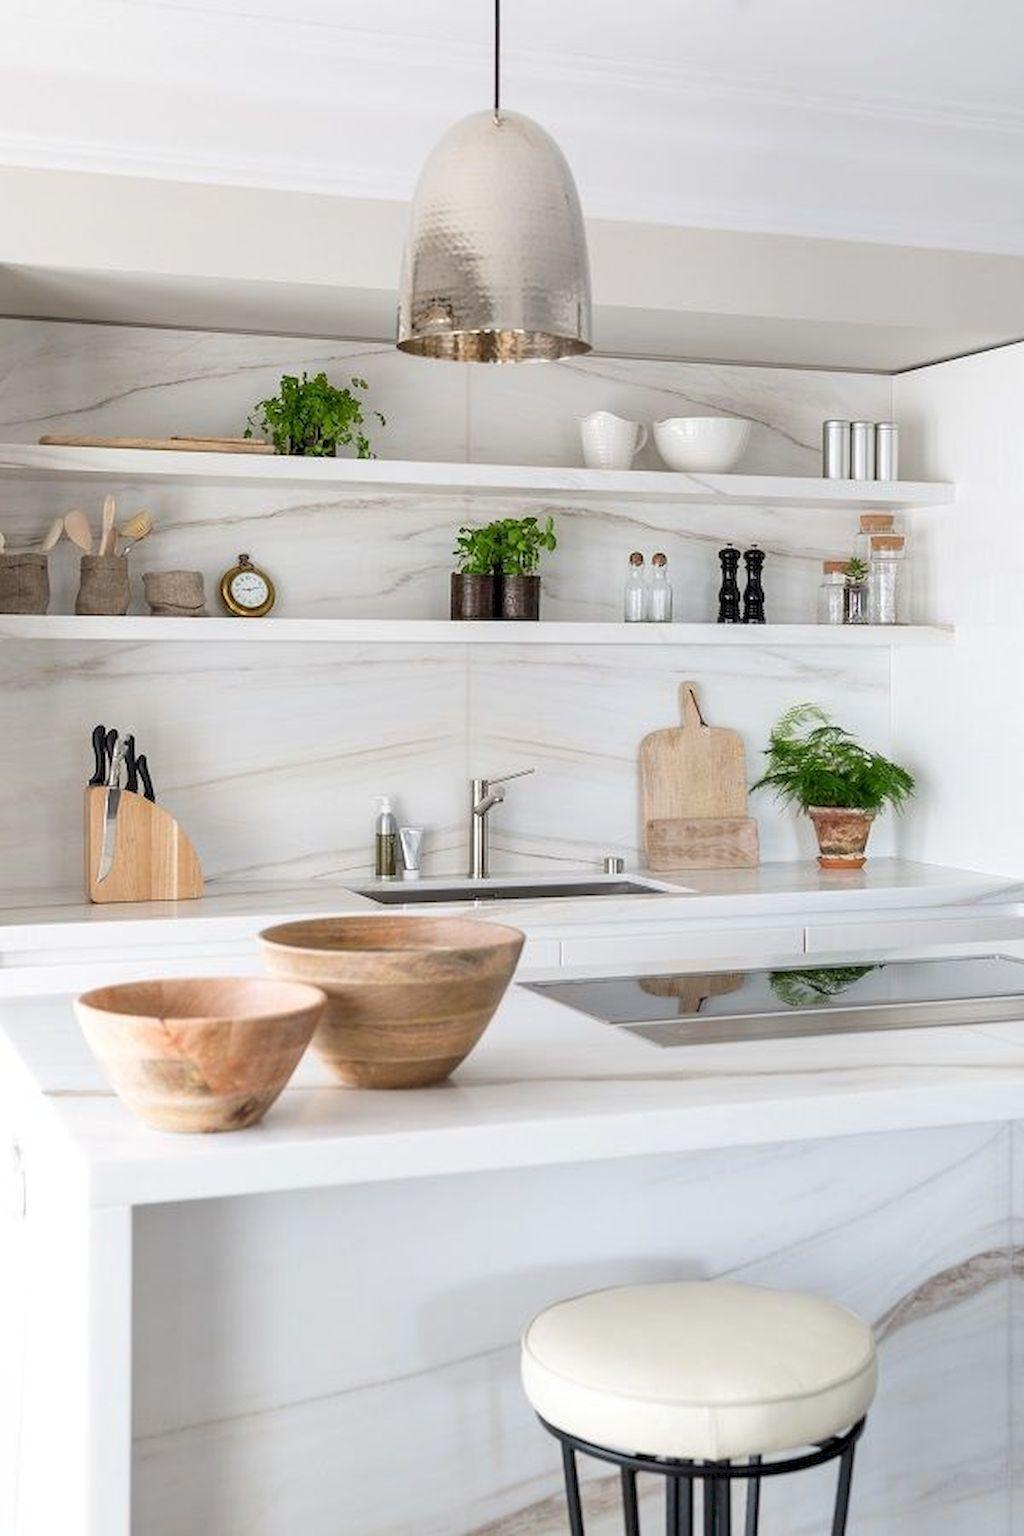 stunning minimalist kitchen decoration ideas kitchen designs decor minimalist kitchen on kitchen ideas minimalist id=55401